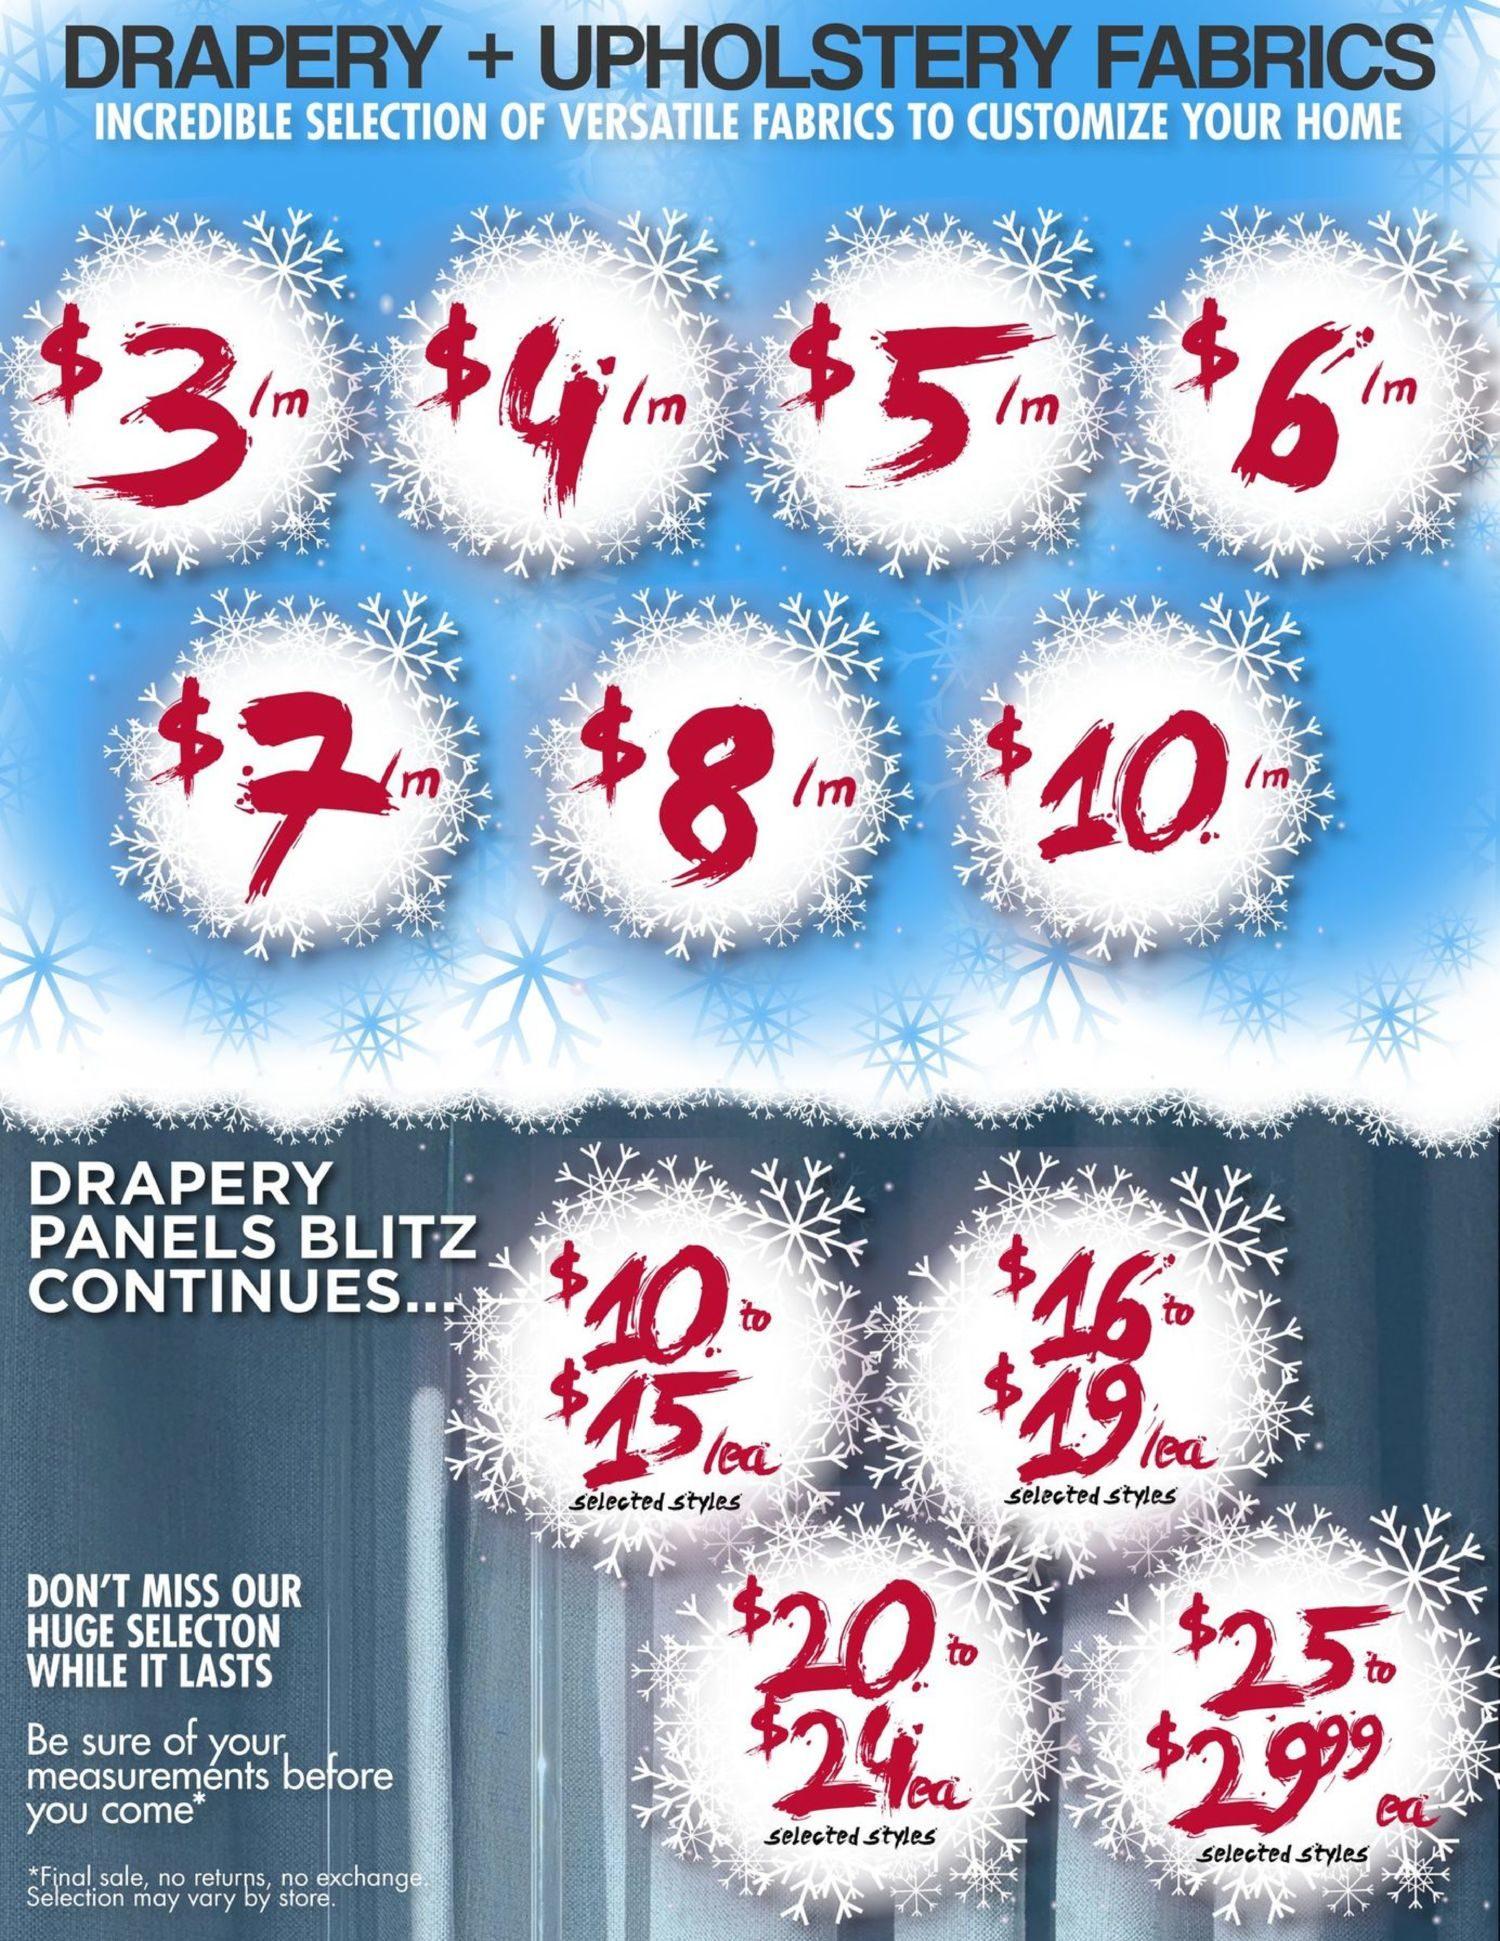 Fabricland - January's Deep Freeze Sale - Page 8